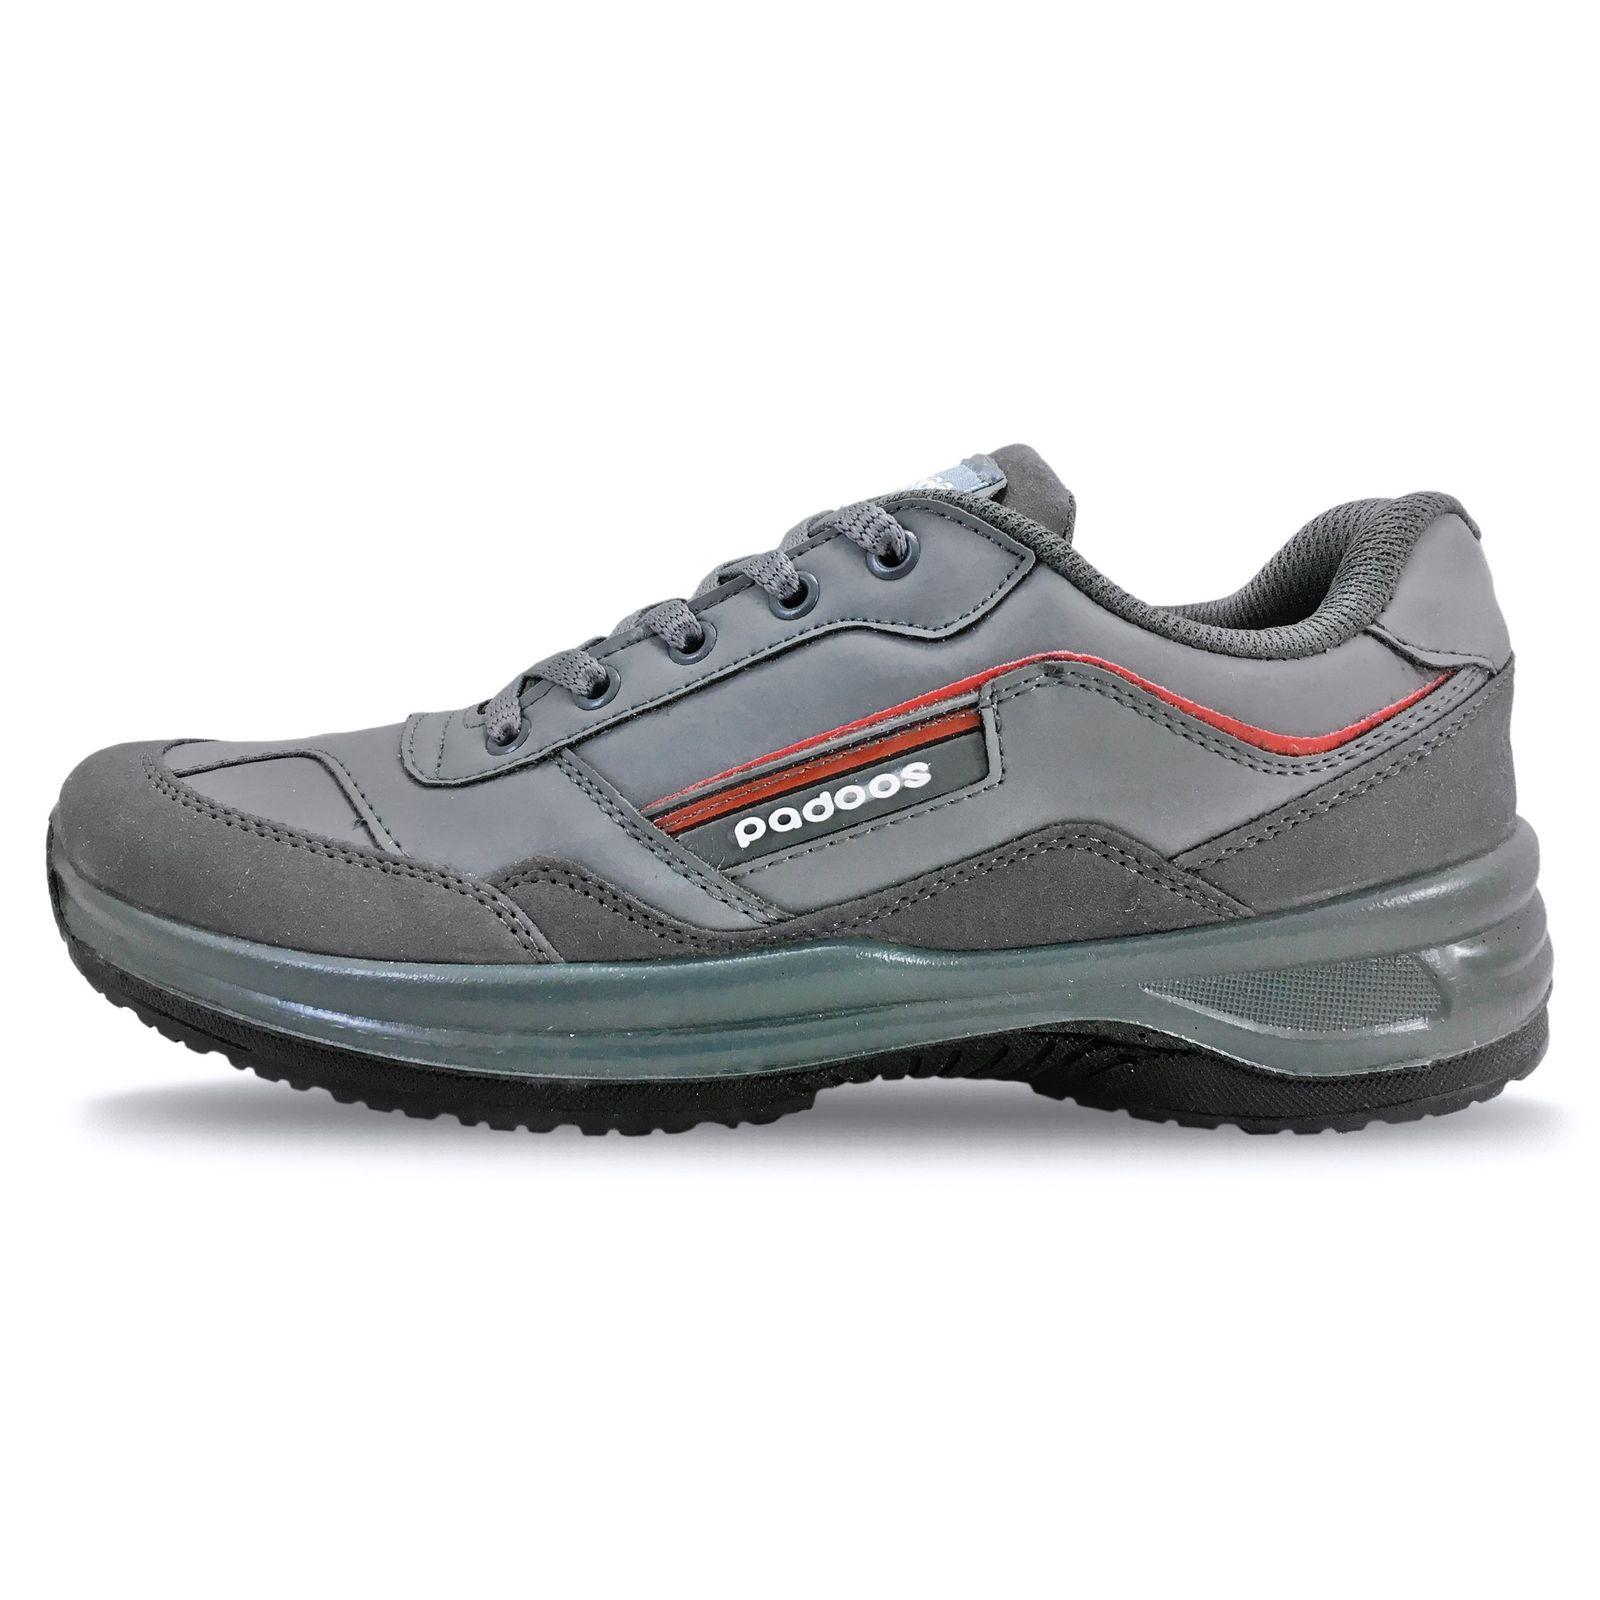 کفش مخصوص پیاده روی مردانه پادوس کد 3683 main 1 1